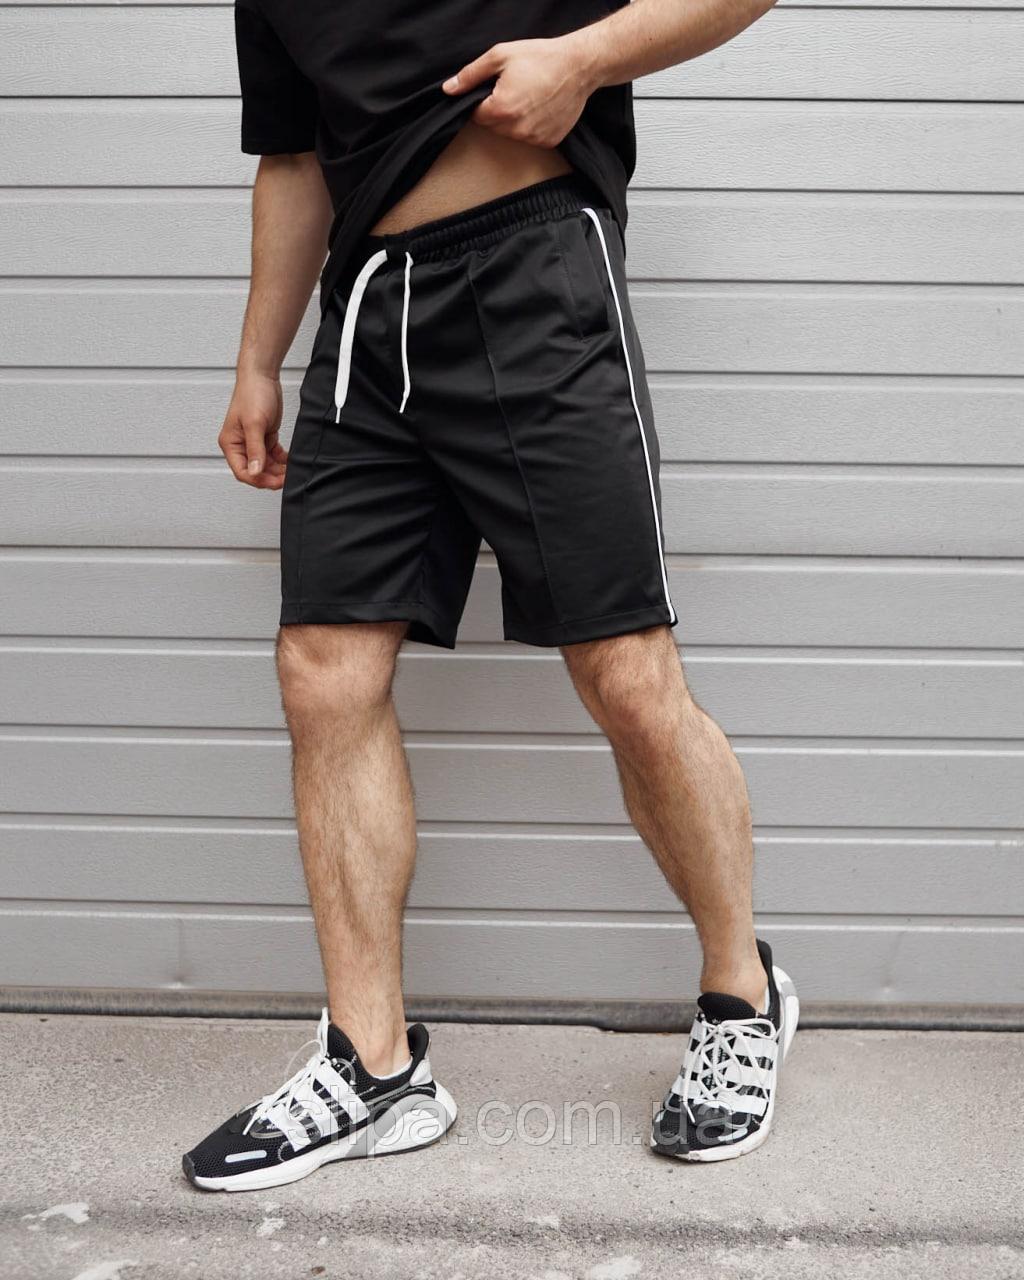 Чорні шорти чоловічі CJ з тонким білим лампасом | Україна | креп-дайвінг